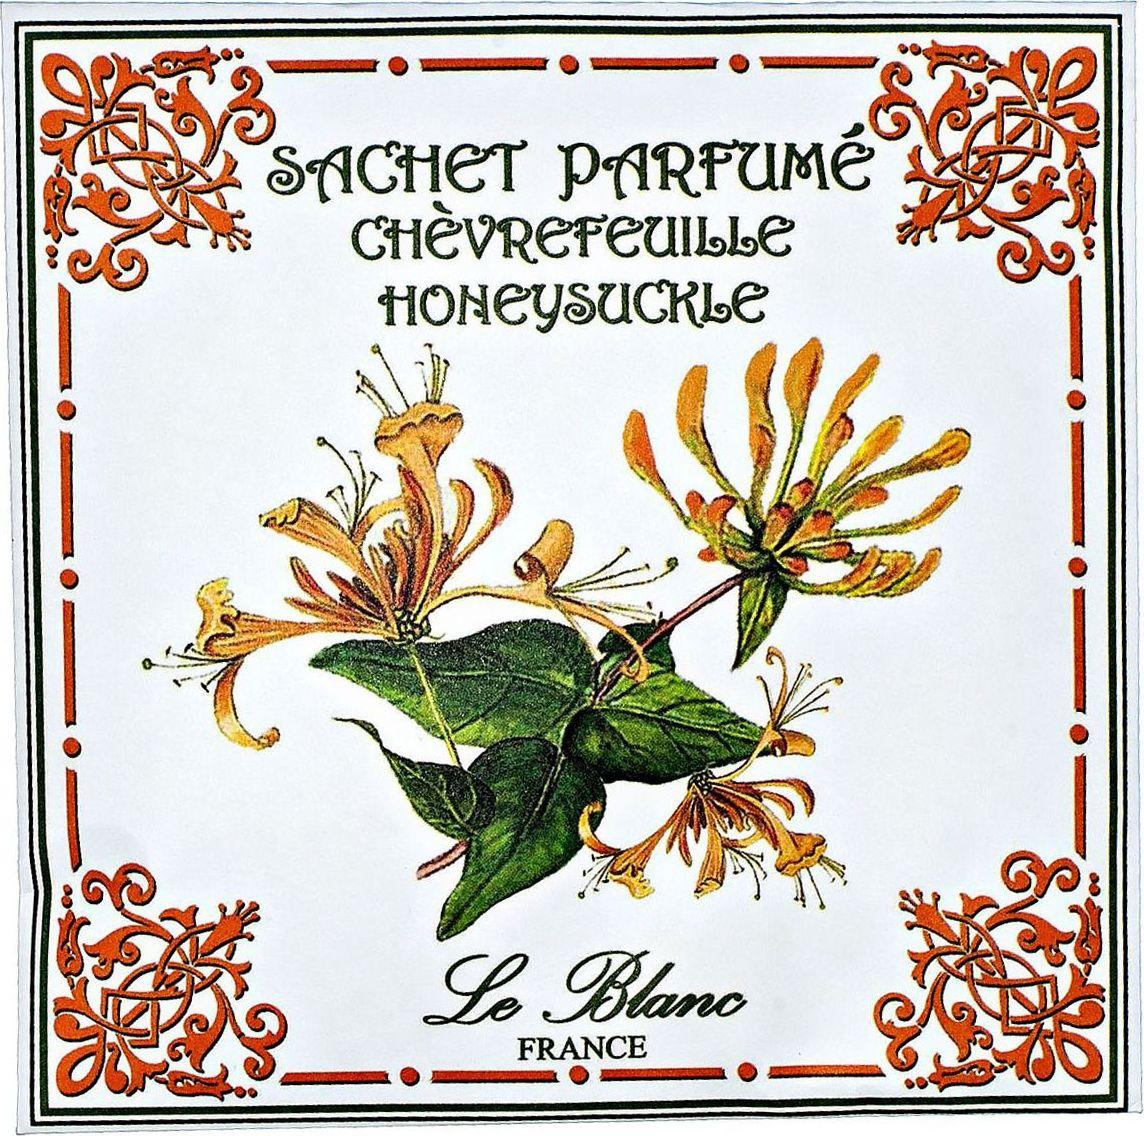 Саше ароматическое Le Blanc Жимолость3760110100331Ароматическое саше привносит в нашу жизнь тонкие, нежные ароматы, создает настроение легкости и воздушности. Саше относятся к разряду тех мелочей, благодаря которым создается настоящий уют в доме. Мощный лилейный аромат, разбавленный оттенками ванили и древесины, наполненный свежим ароматом цитрусовых, бодрящим мандариновым оттенком. Удивительный аромат, в котором смешались ненавязчивые ноты самых прекрасных цветов: лилии, розы, ванили, жасмина. Всё это вы услышите в одном восхитительном аромате жимолости - аромате истинного восточного искушения!